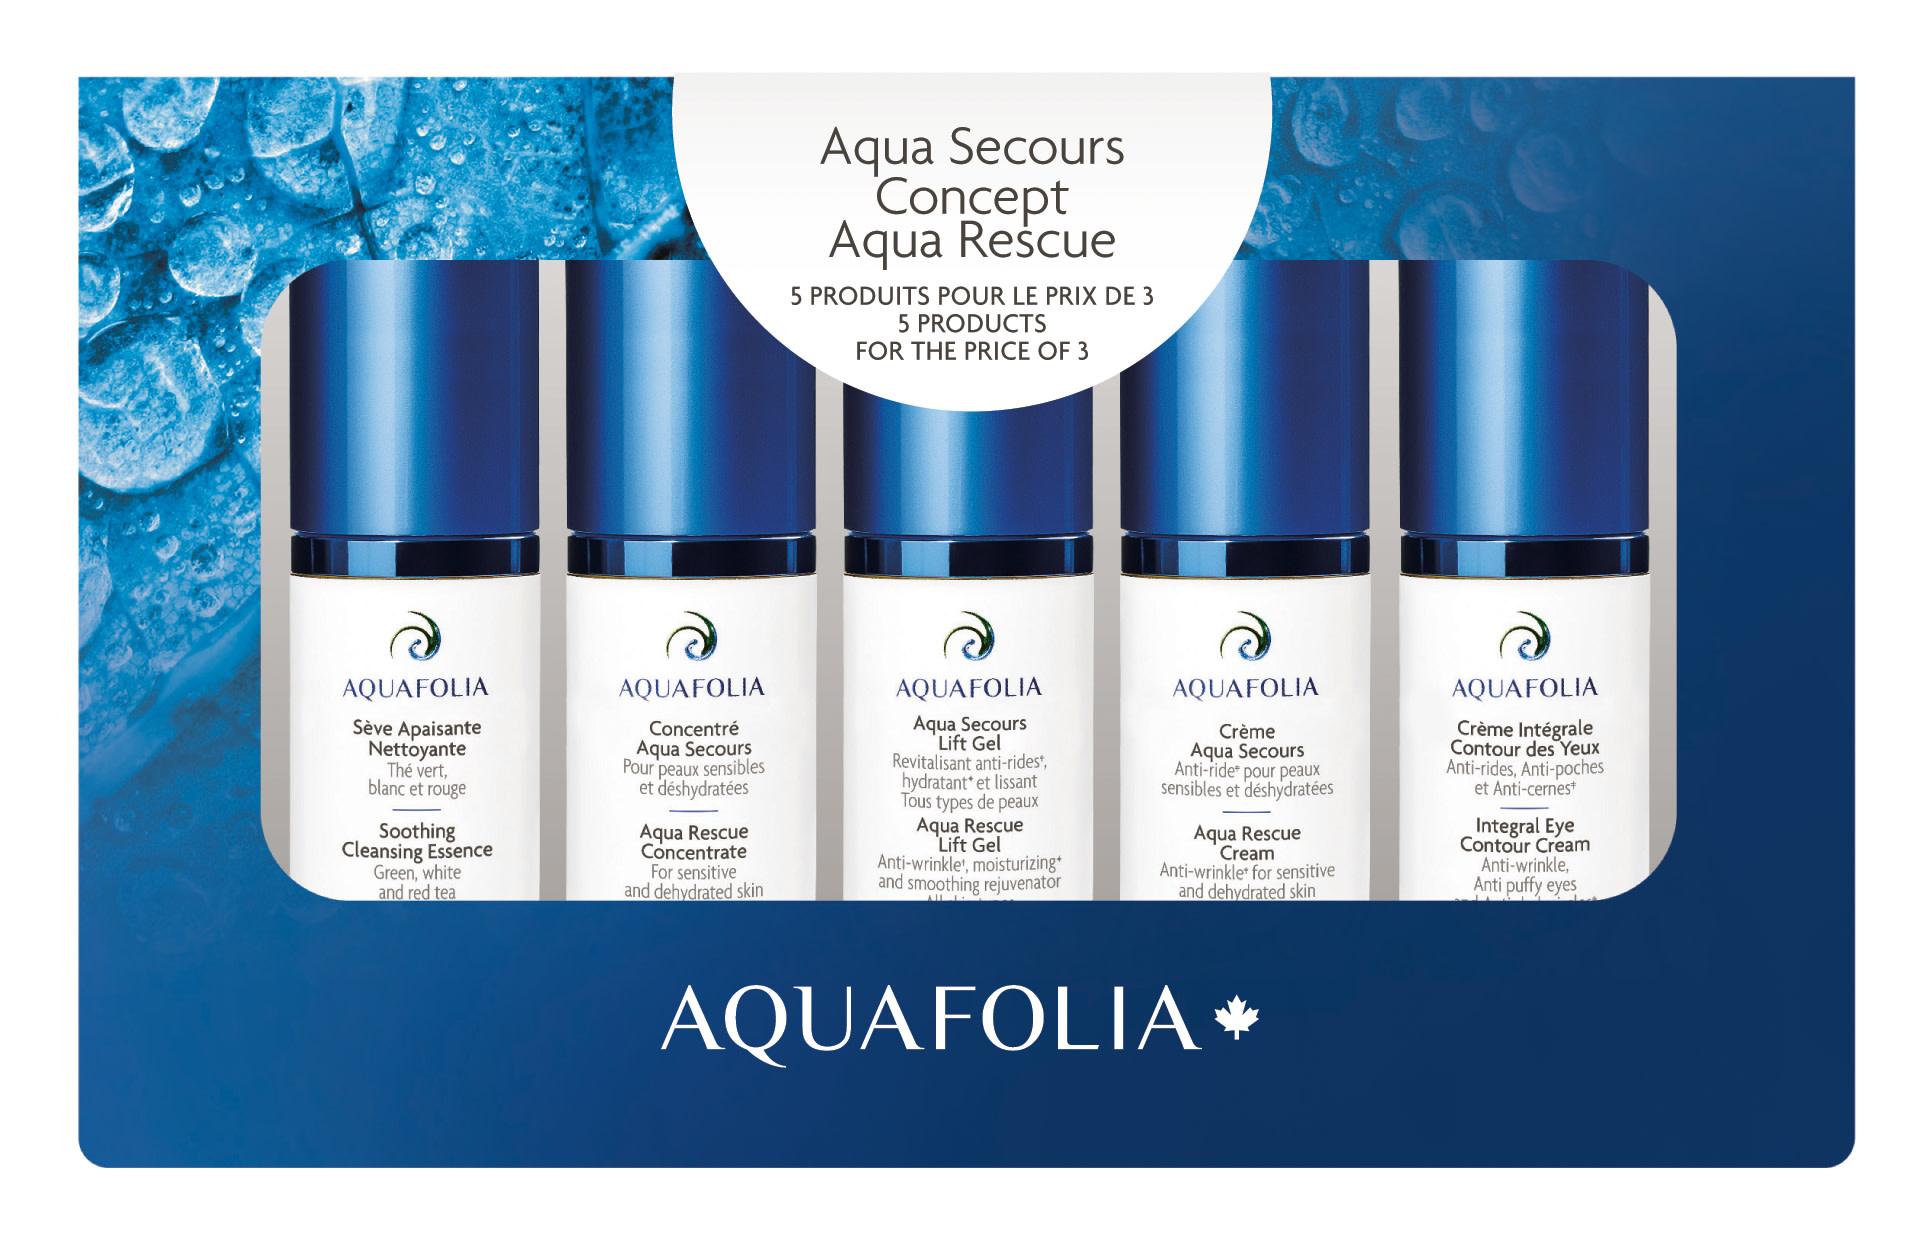 Aquafolia AQUAFOLIA Coffret Découverte AQUA SECOURS